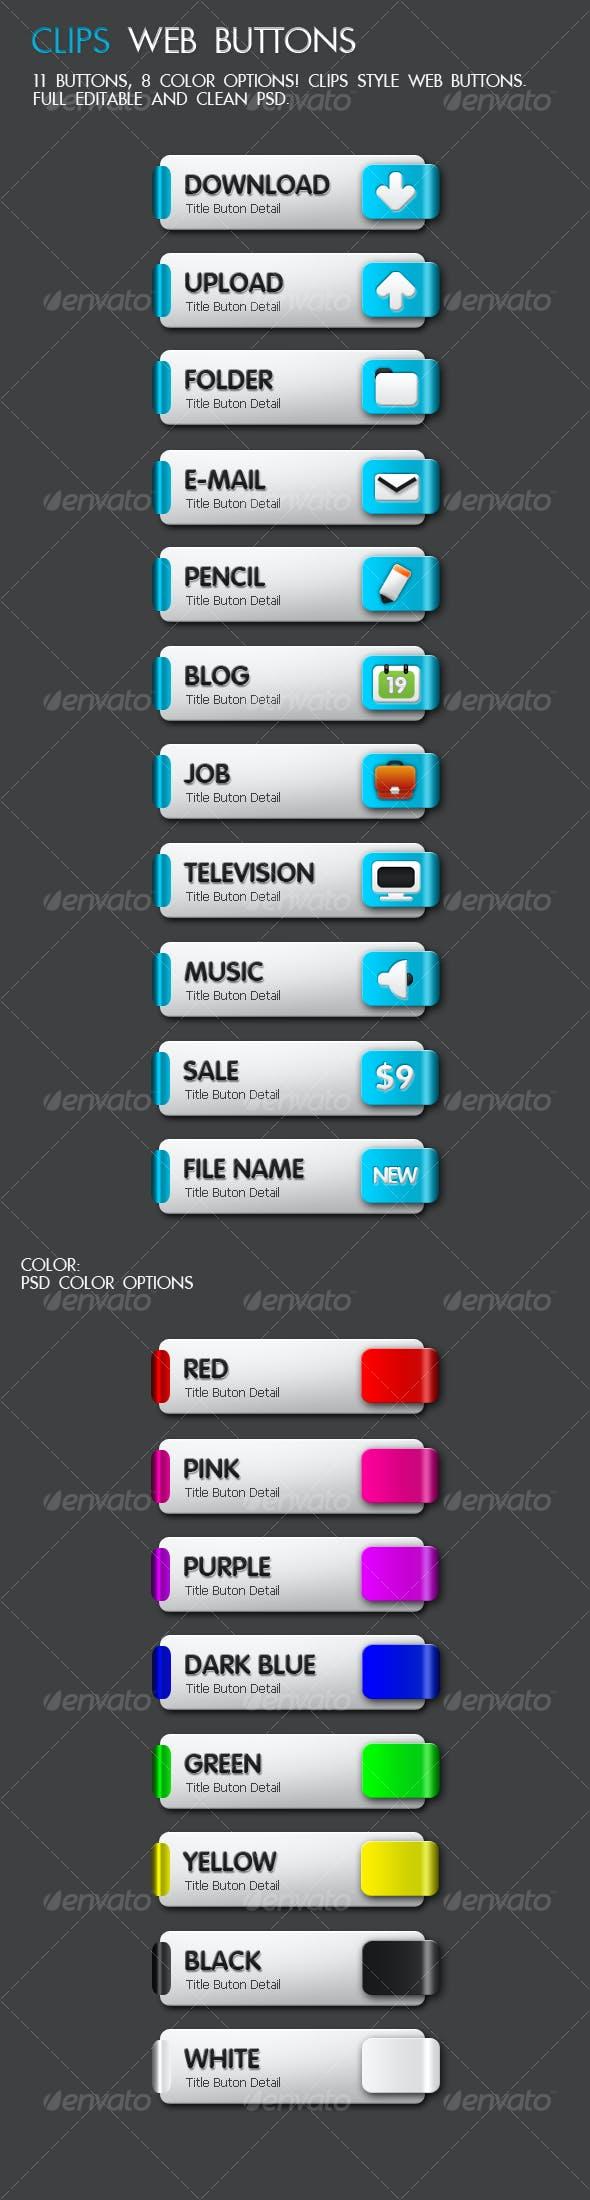 Clips Web Button - 11 Buttons, 8 Color